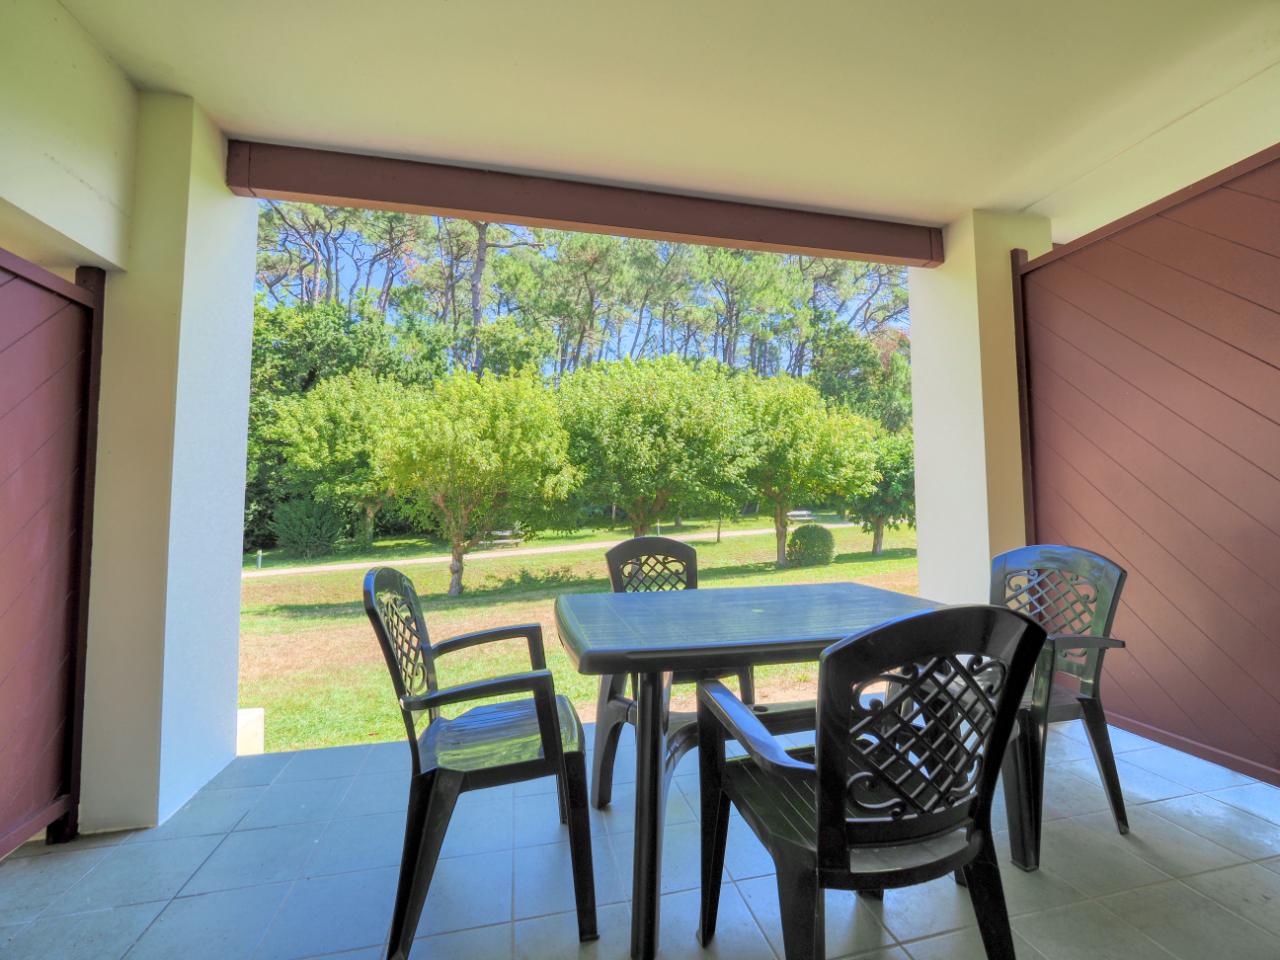 vente appartement à SAINT JEAN DE LUZ - 239 000